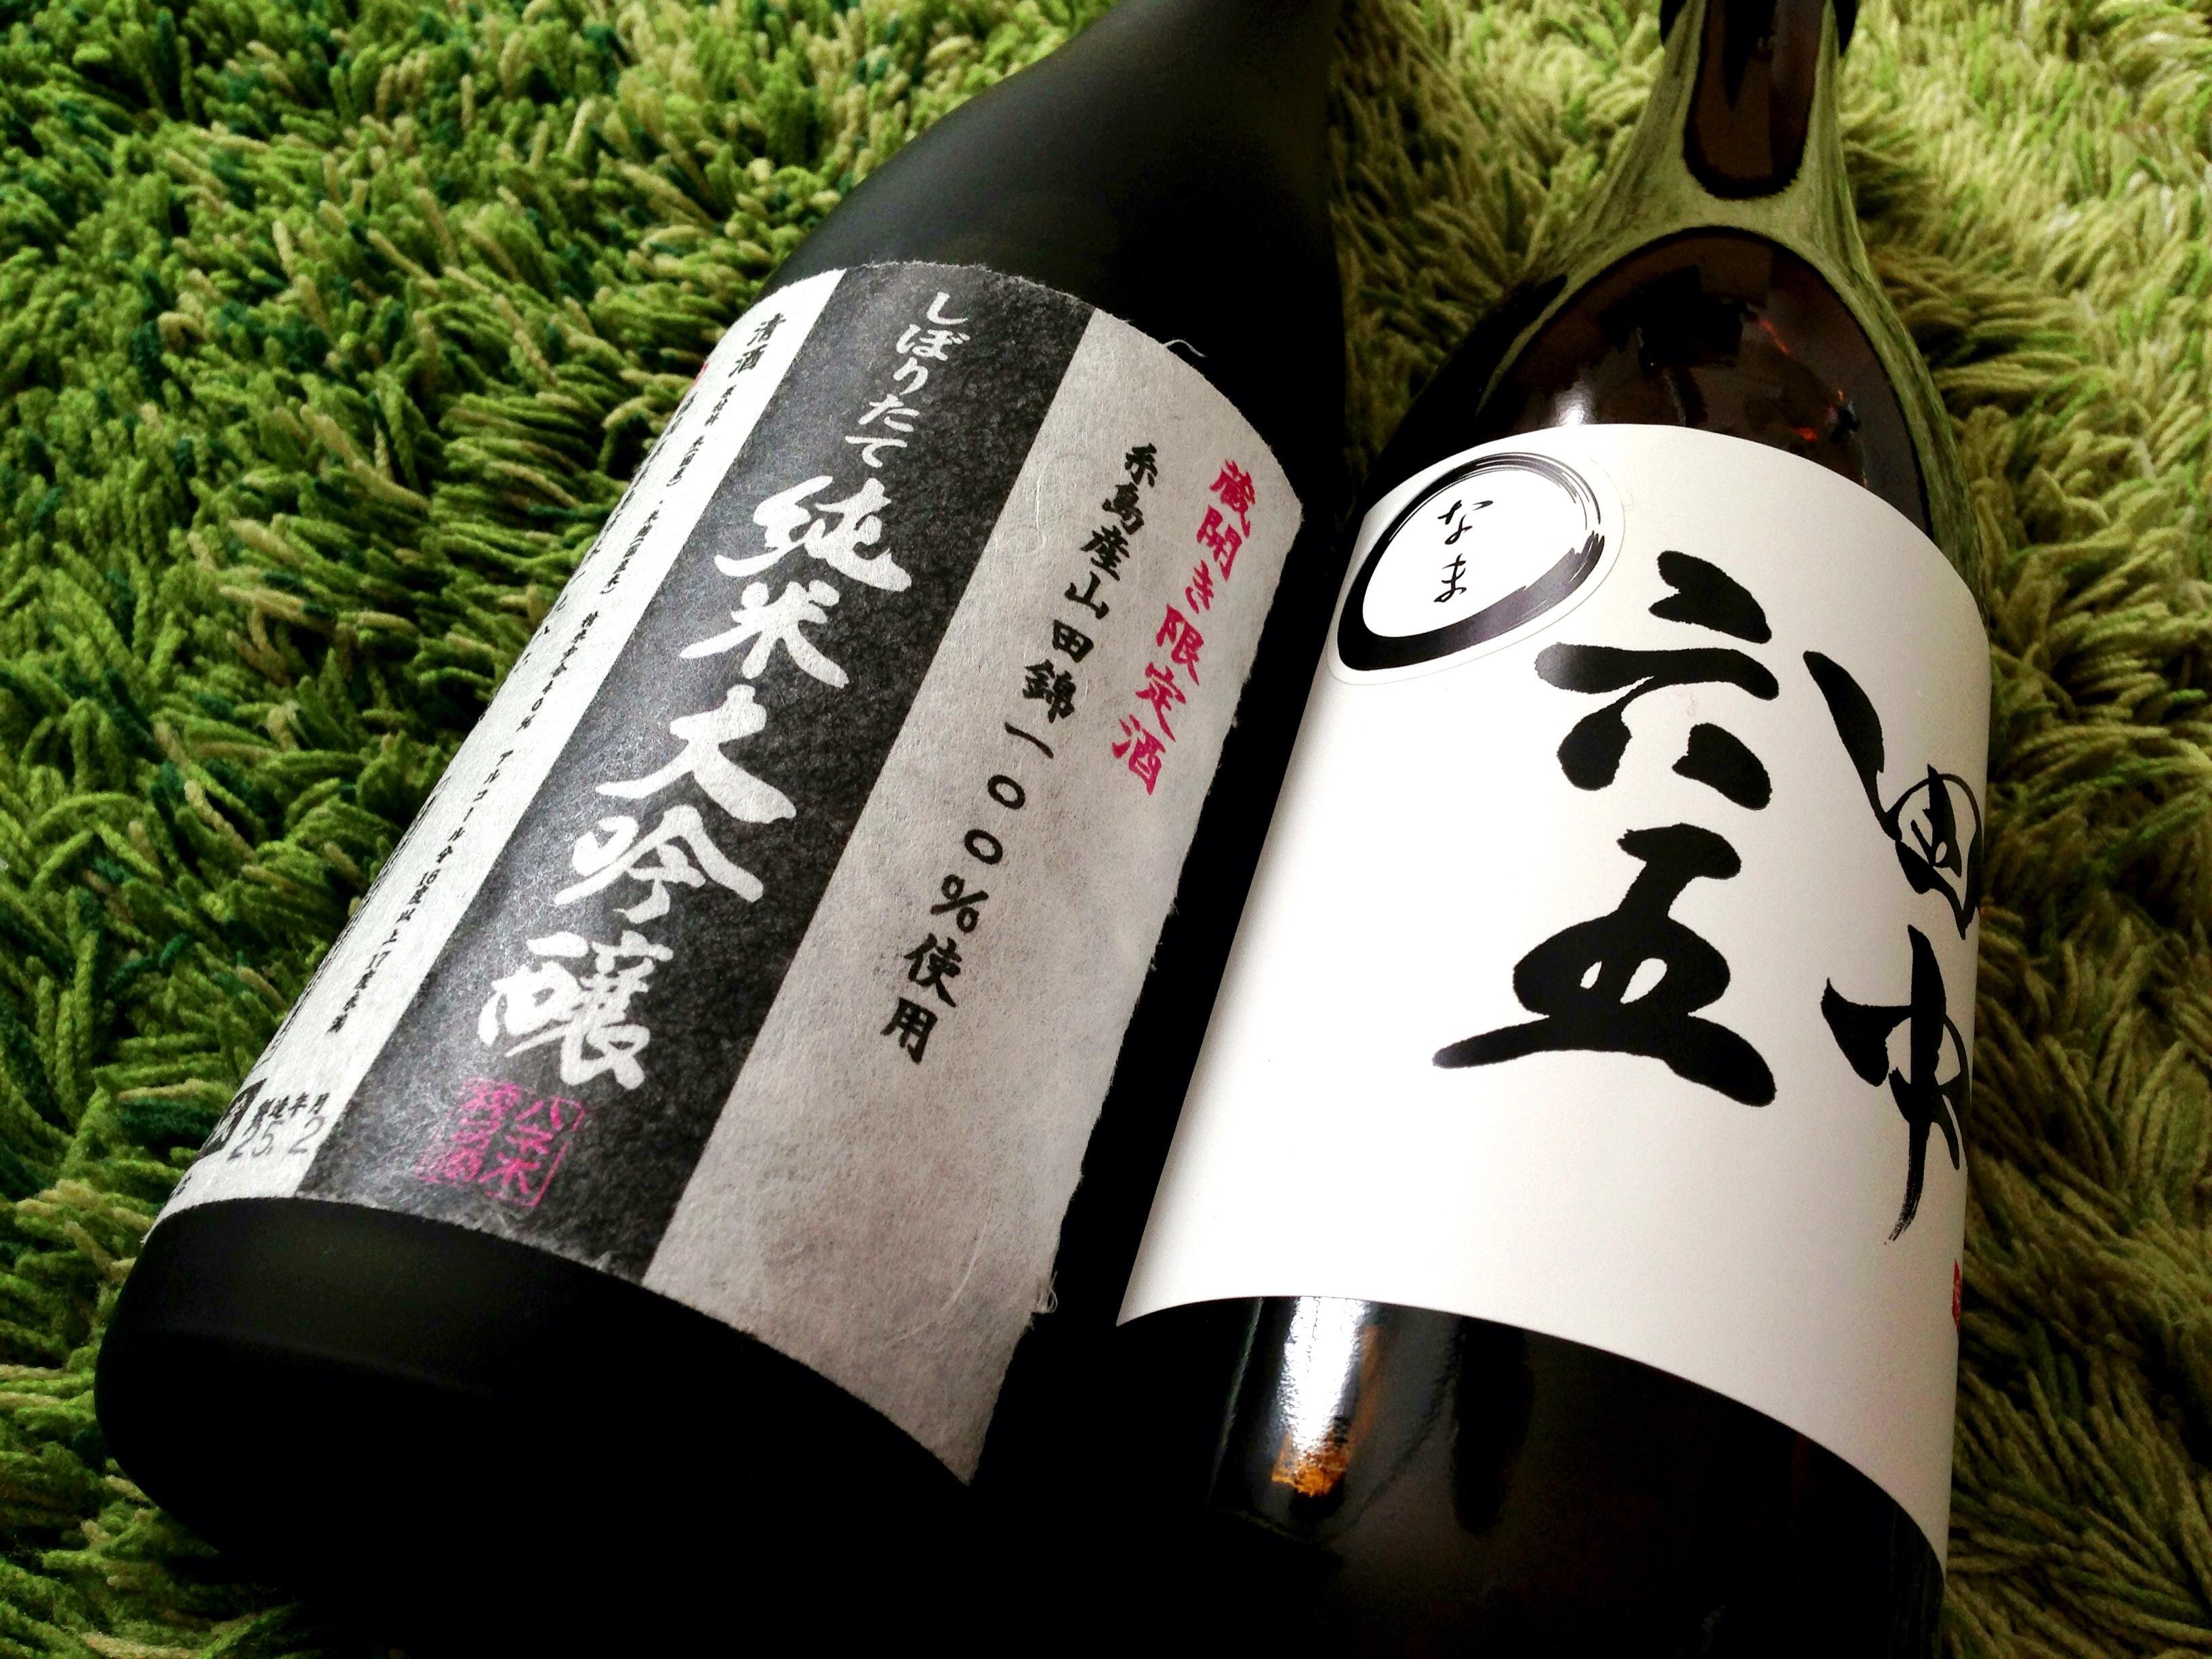 【糸島】14日の日曜日は白糸酒造の蔵開きイベント「2013年 ハネ木まつり」に行ってきます